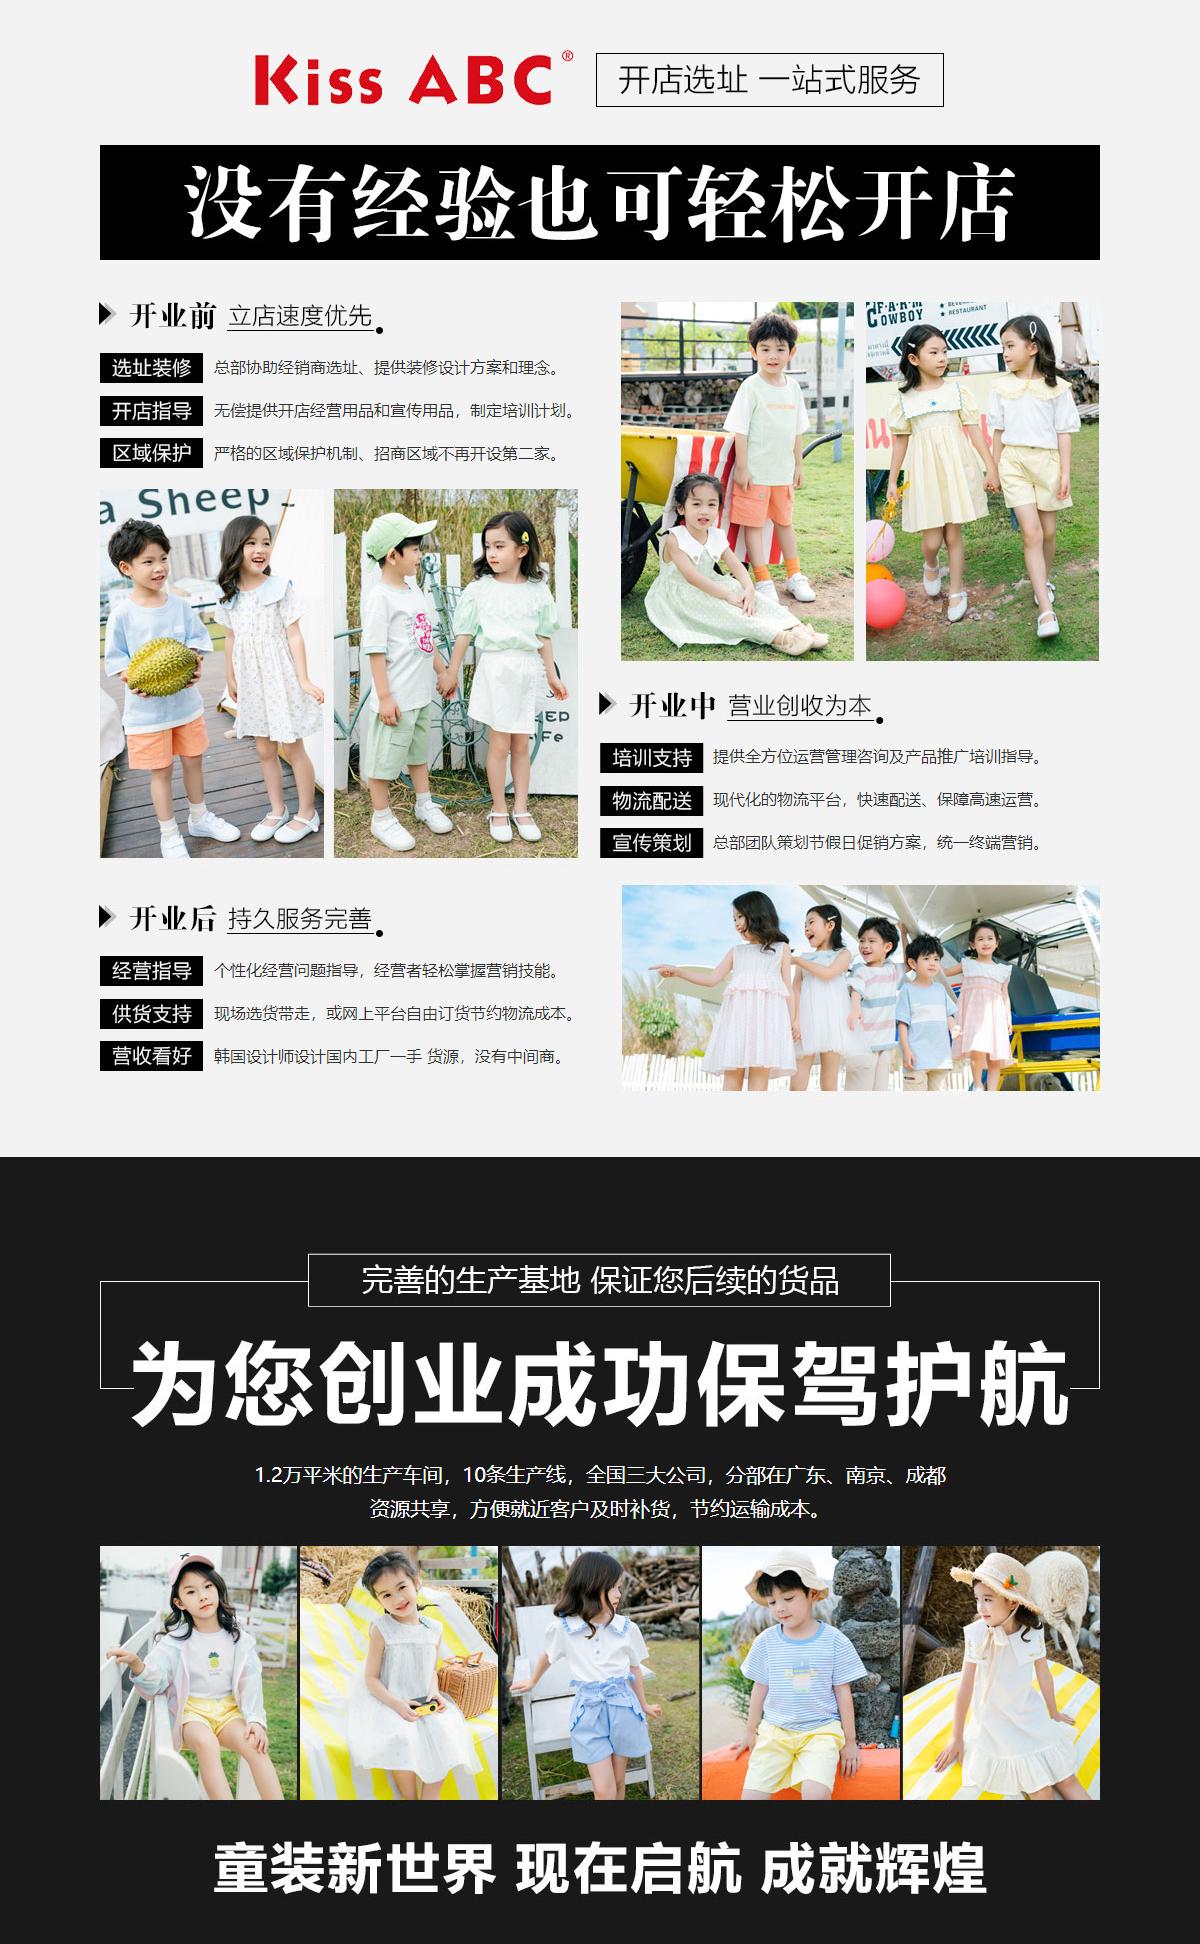 Kiss ABC 快时尚畅销童装品牌